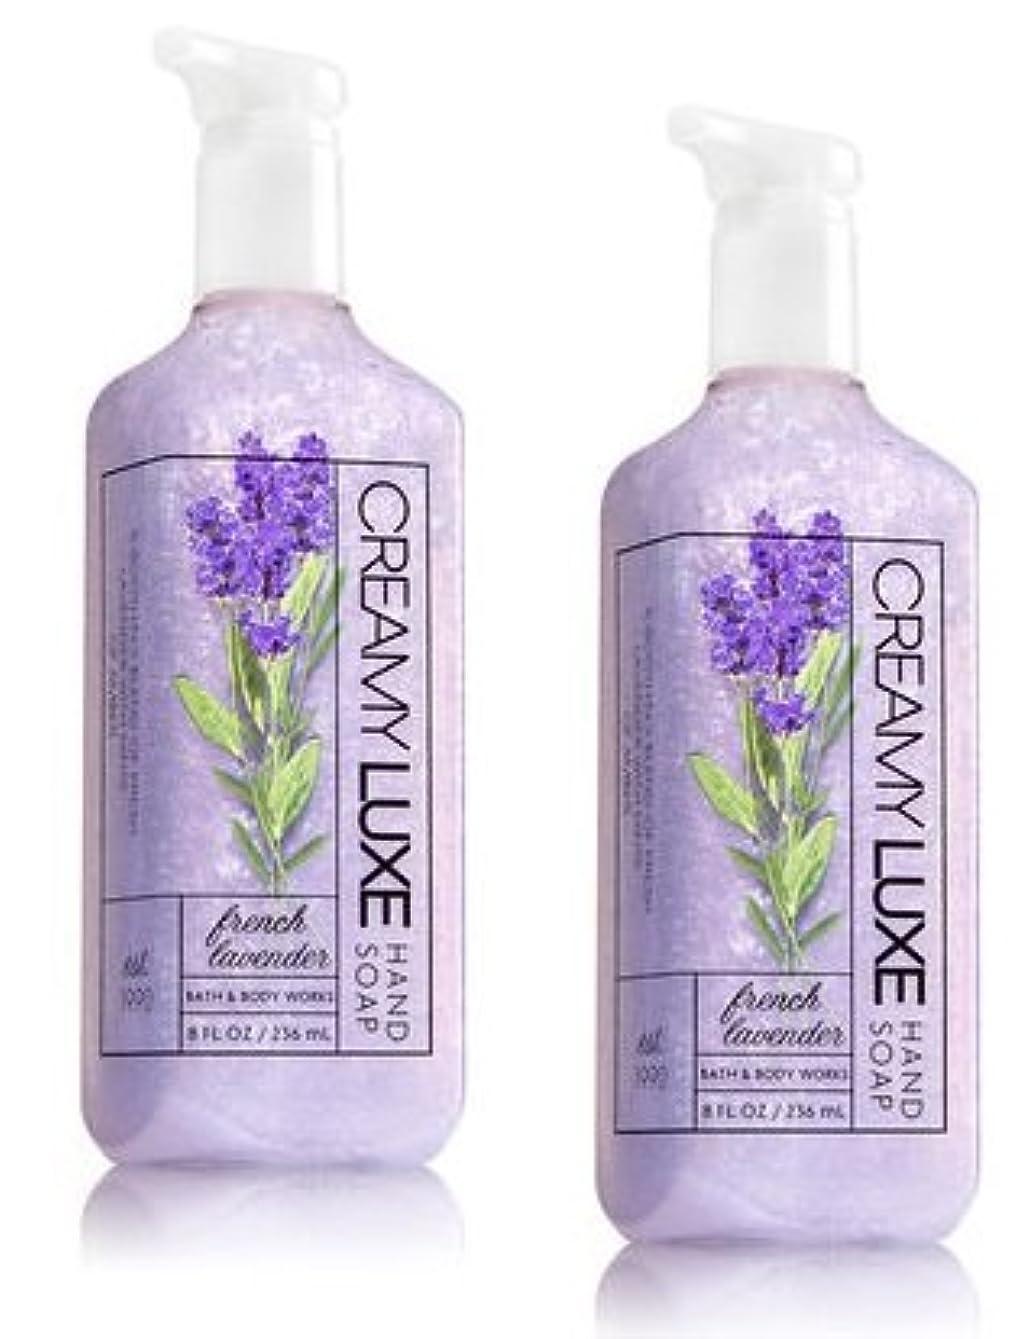 超高層ビル無効構成Bath & Body Works フレンチラベンダー クリーミー リュクス ハンドソープ 2本セット French Lavender Creamy Luxe Hand Soap. 8 oz [並行輸入品]